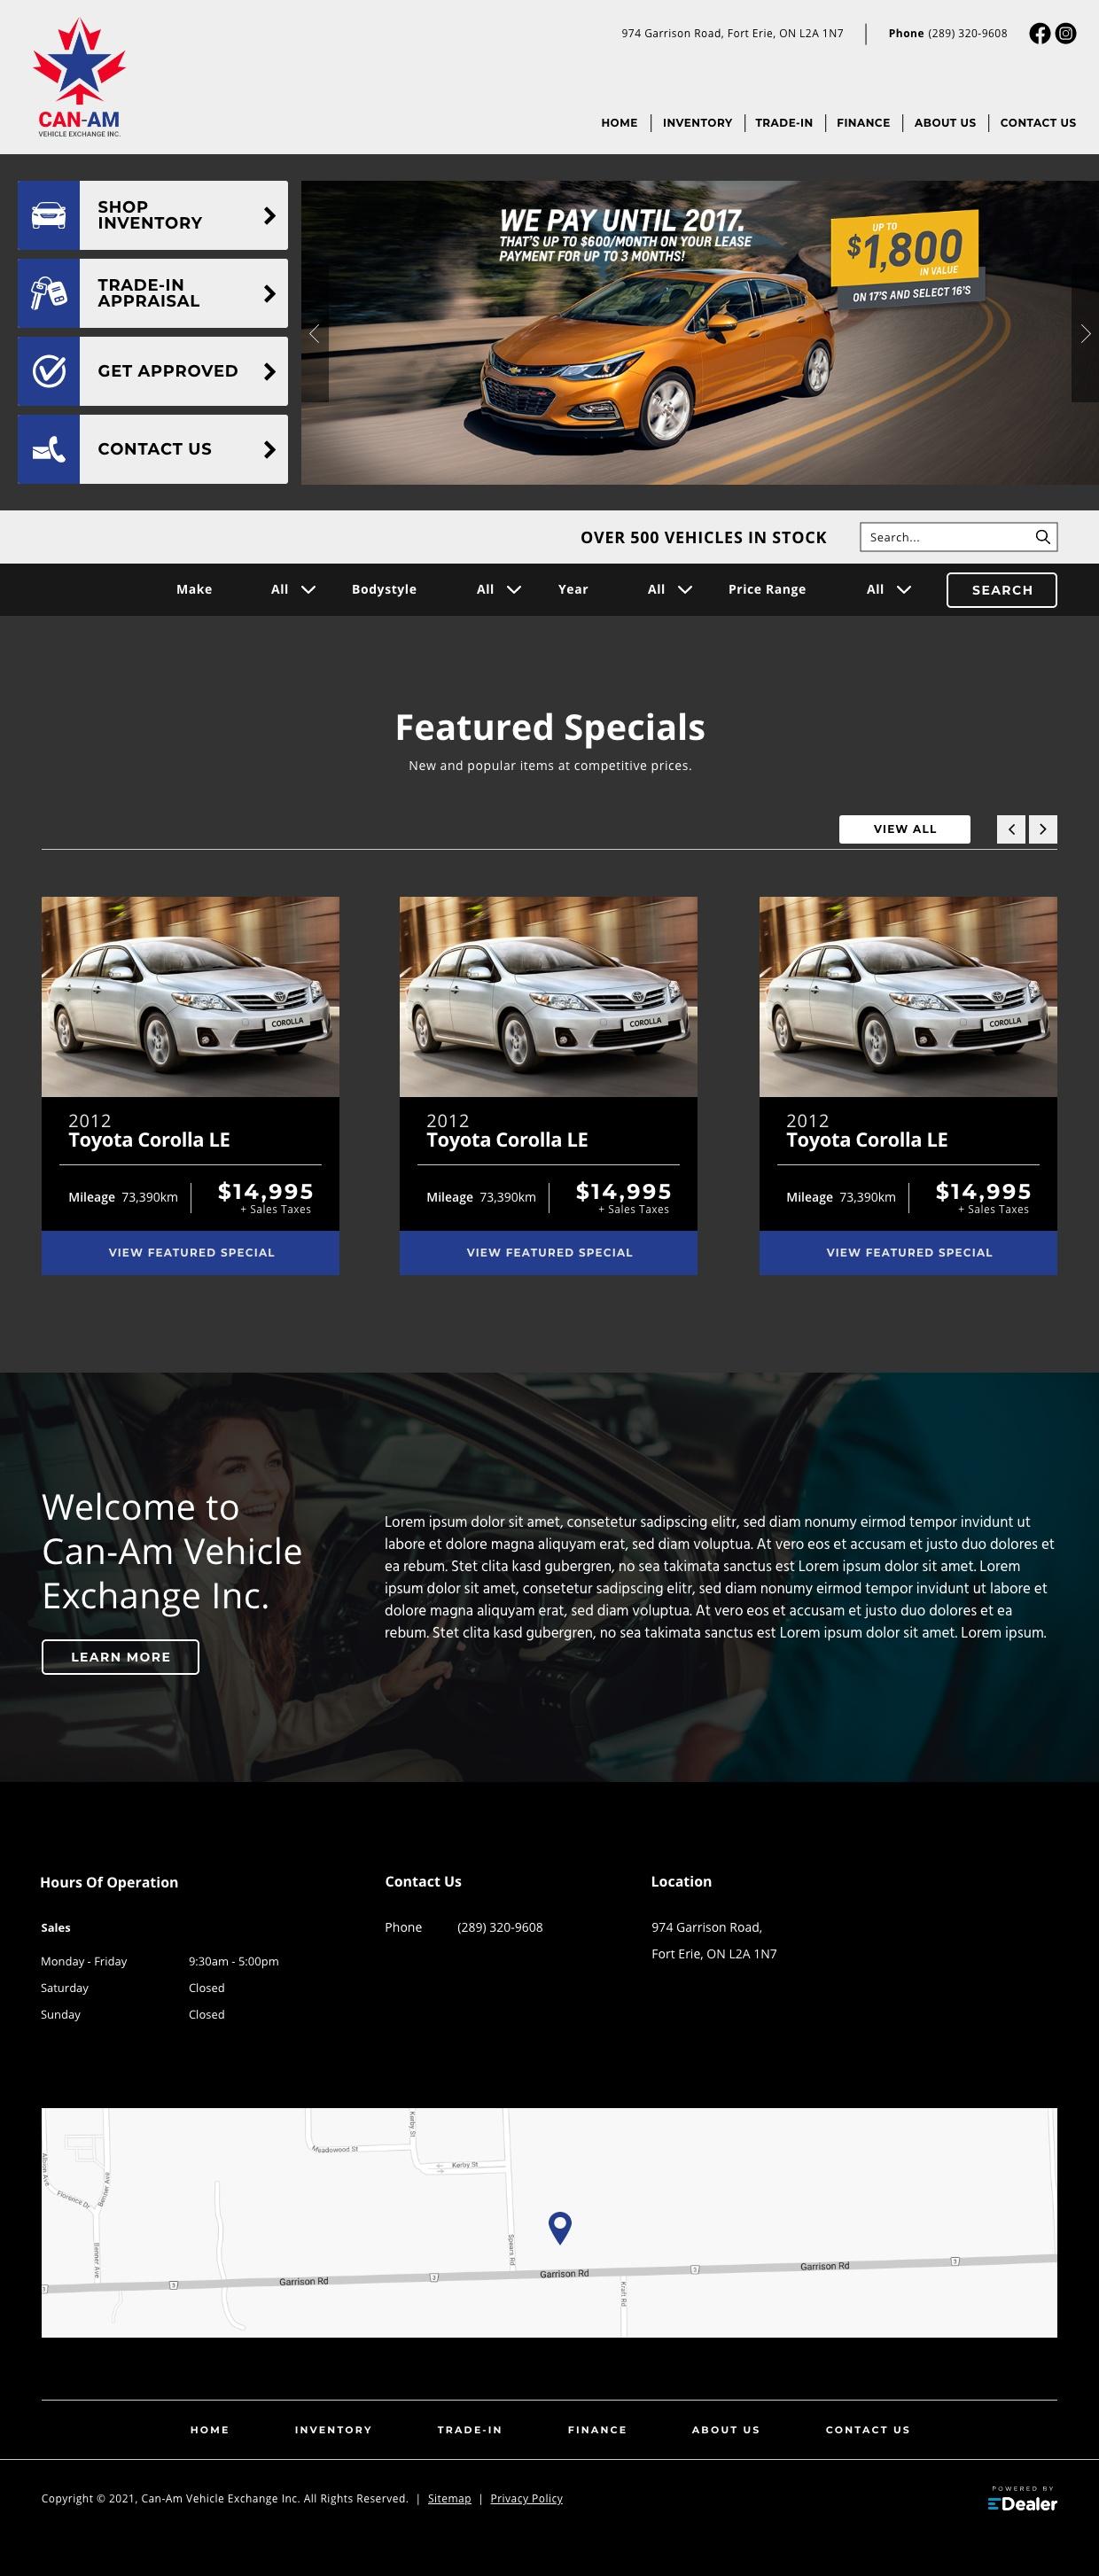 Can-Am Vehicle Exchange Inc